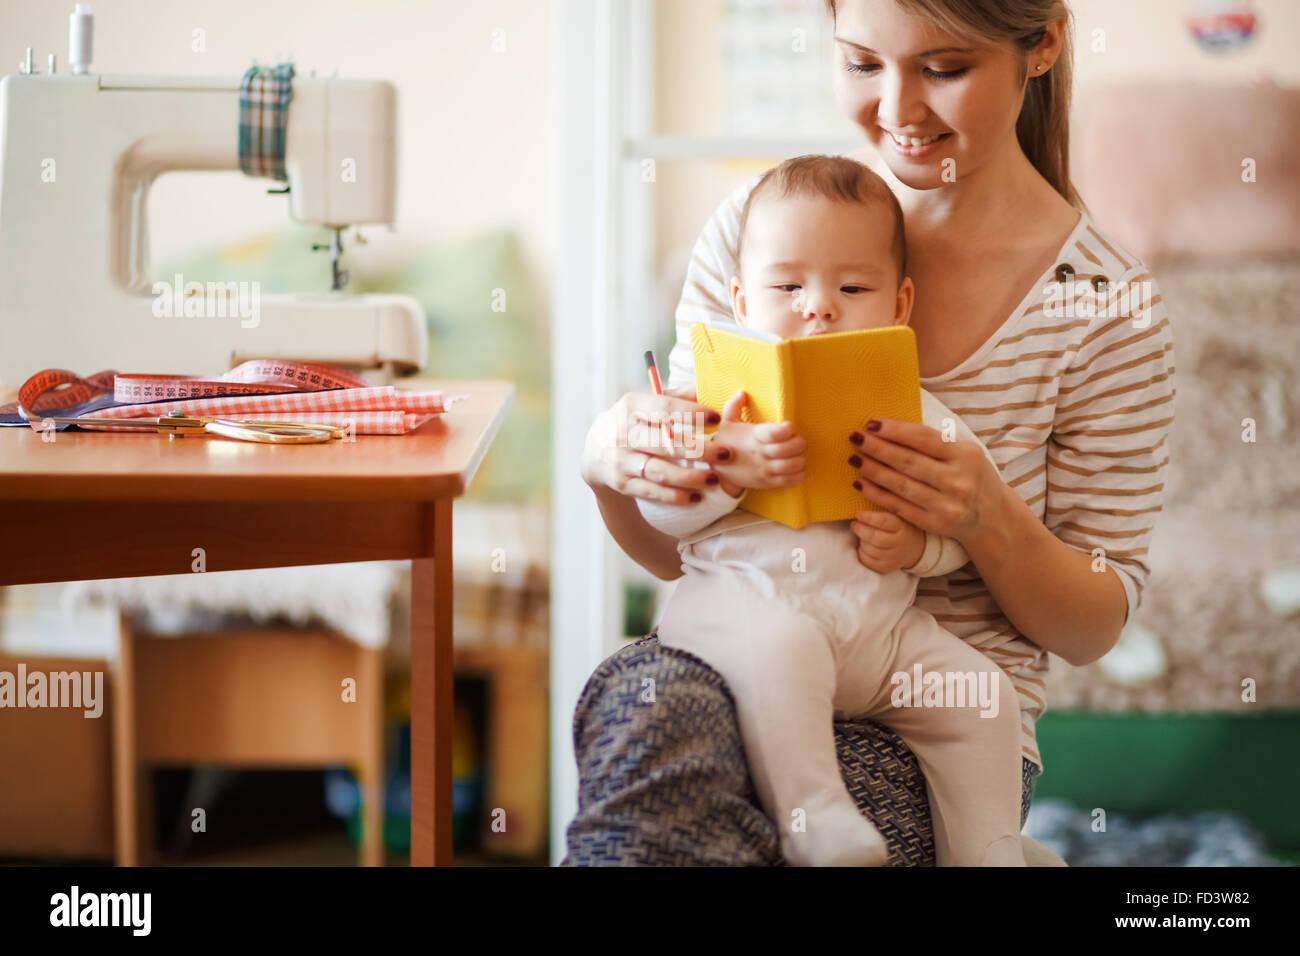 La madre e il bambino la lettura di un libro insieme a casa. Immagini Stock